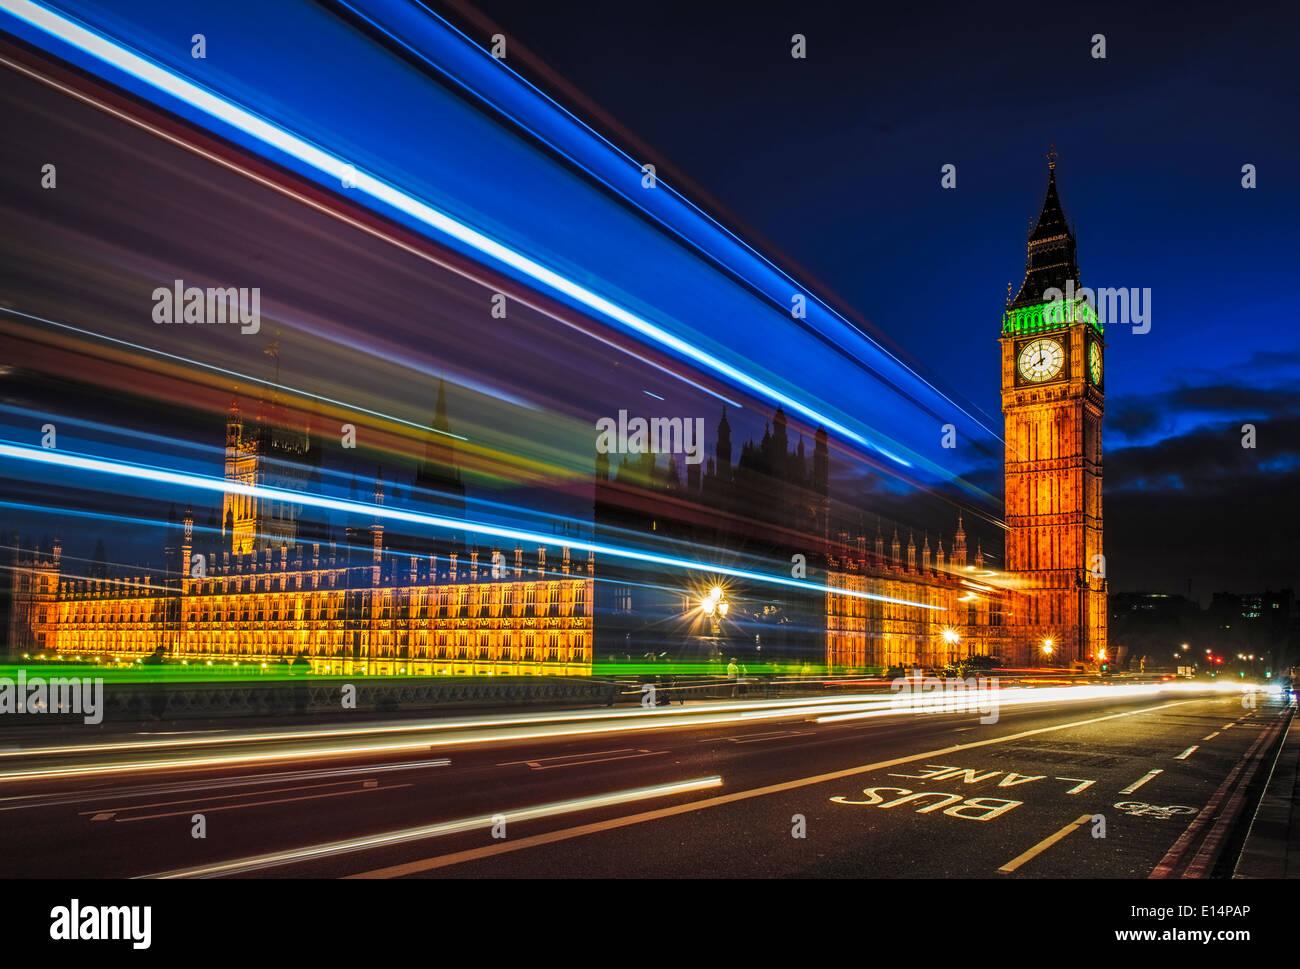 Exposición larga vista del tránsito por el Big Ben, Londres, Reino Unido. Imagen De Stock